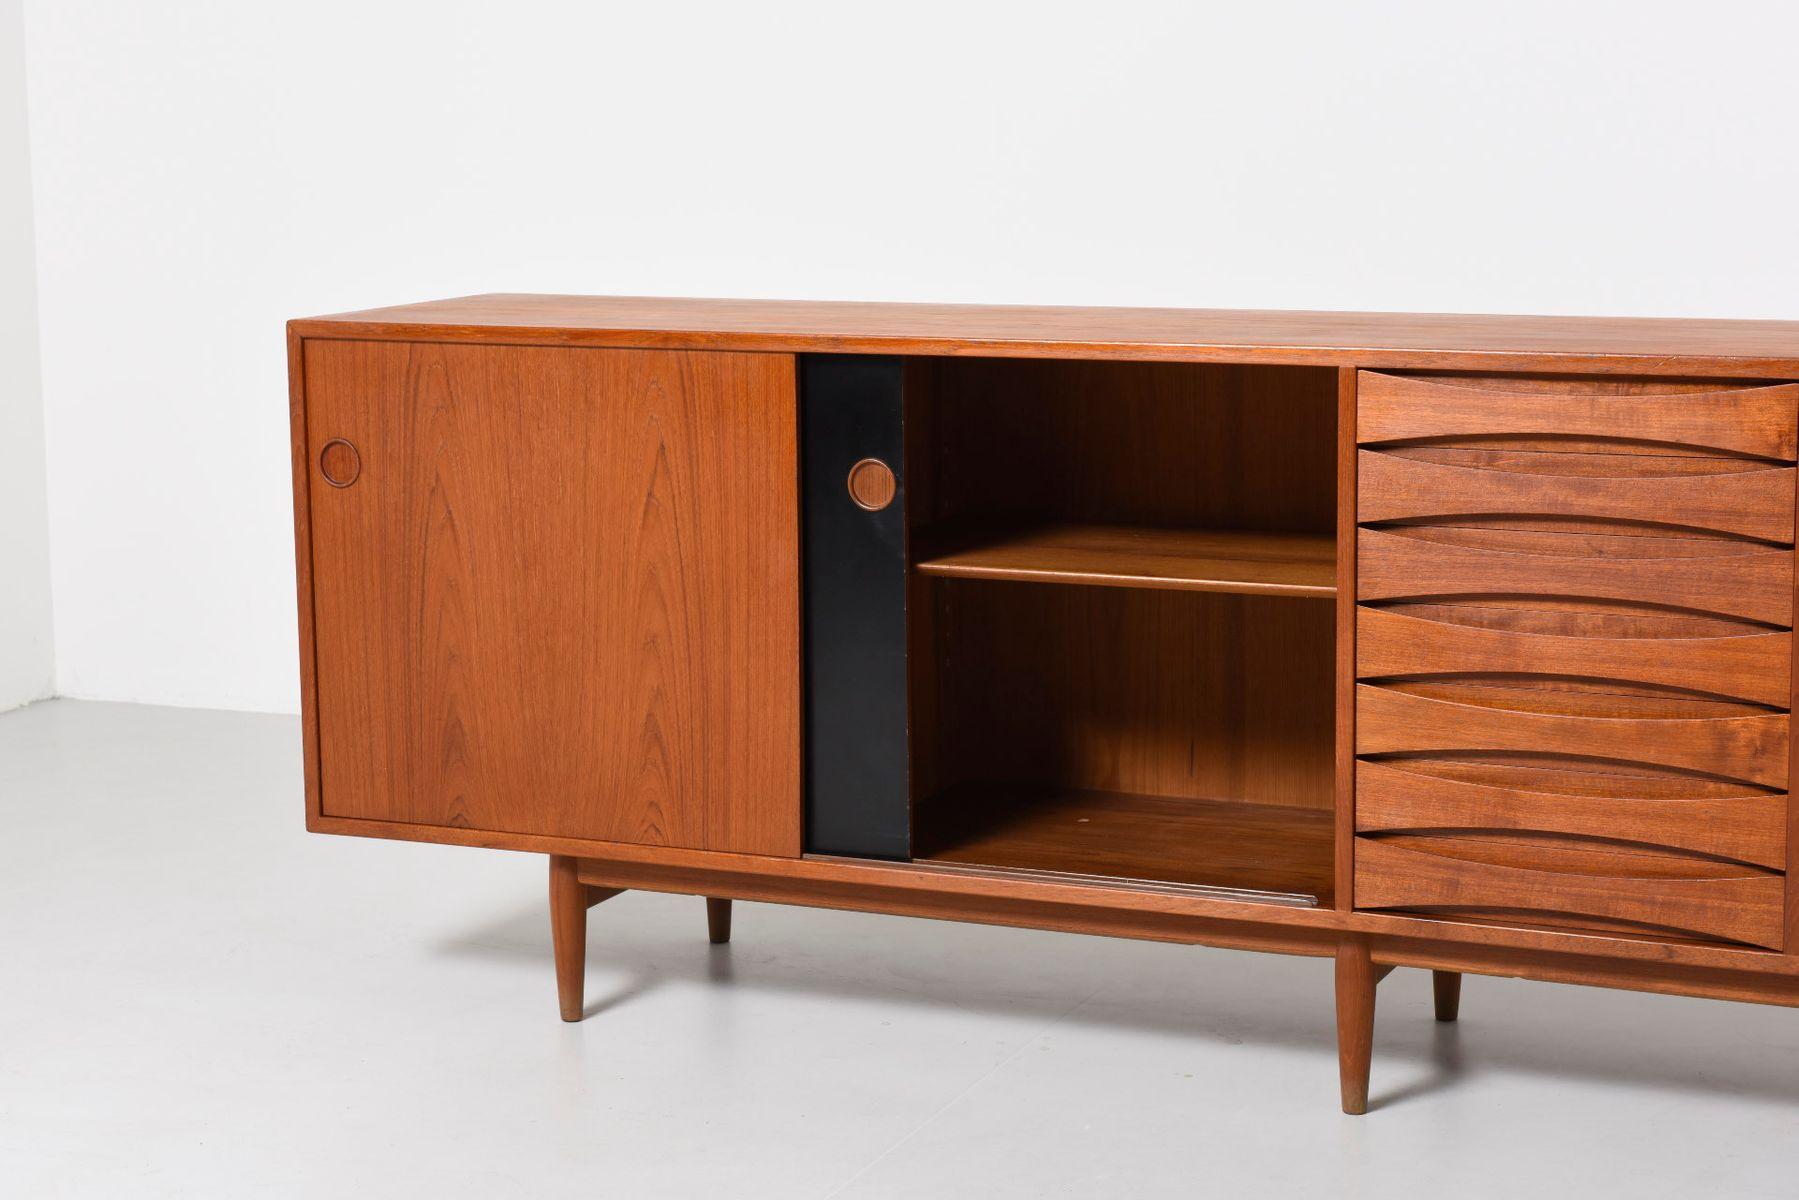 vintage model 29a sideboard by arne vodder for sibast for sale at pamono. Black Bedroom Furniture Sets. Home Design Ideas